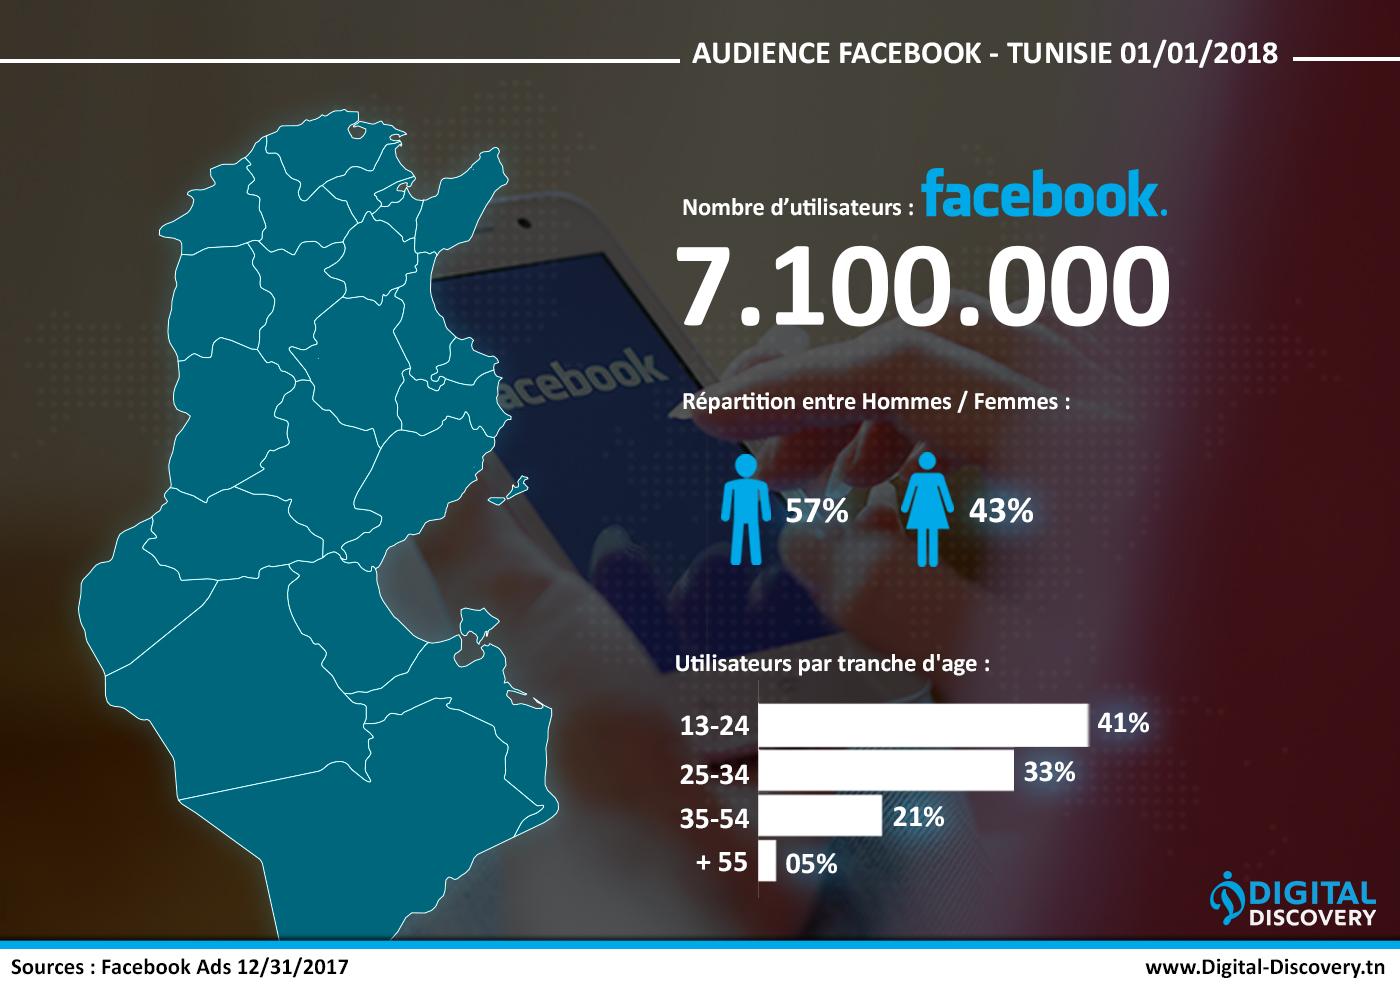 Facebook 7 millions tunisie 2018 réseaux sociaux